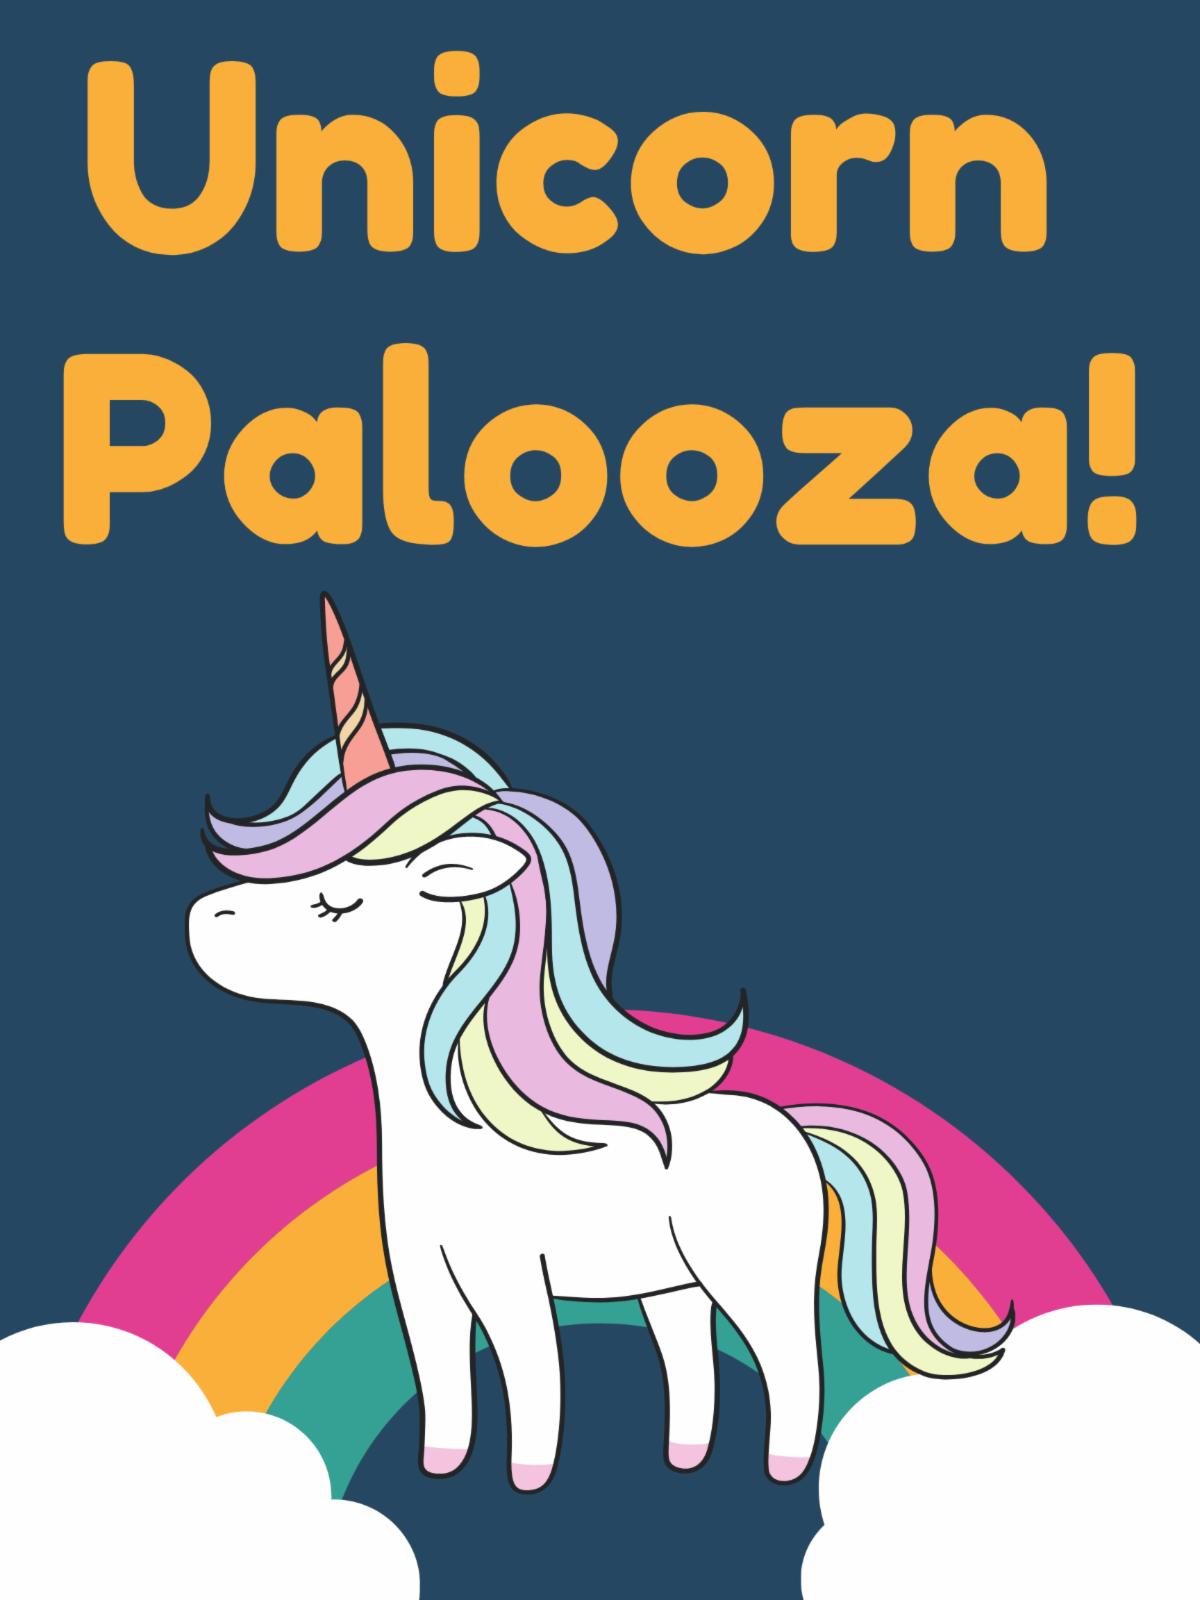 Unicorn Palooza_.png